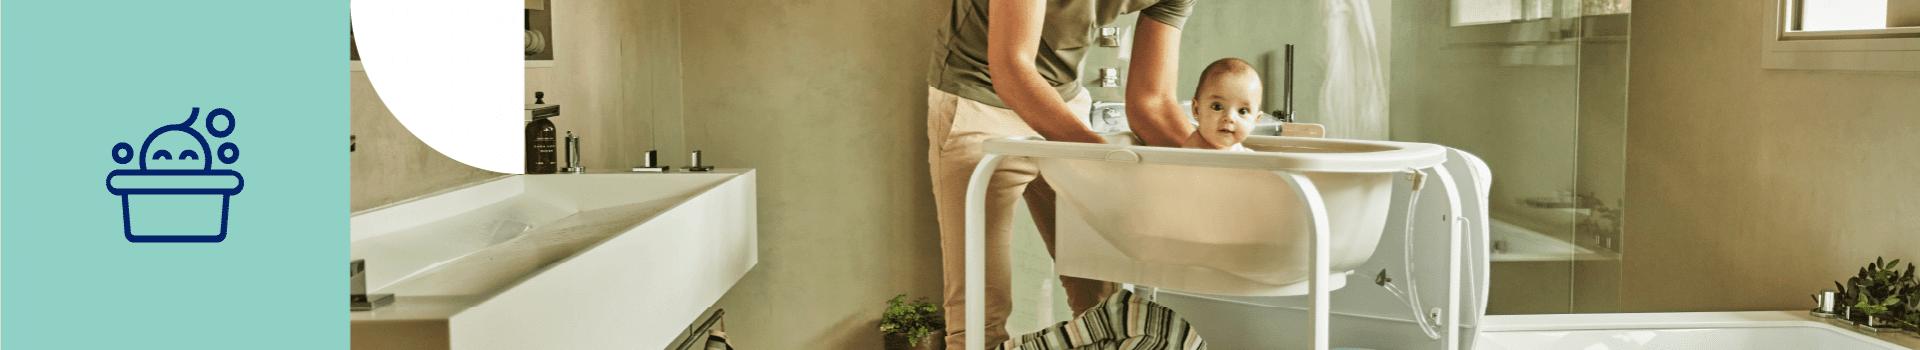 Vasche da bagno Jané | Le vaschette e i fasciatoi migliori del mercato | Janéworld